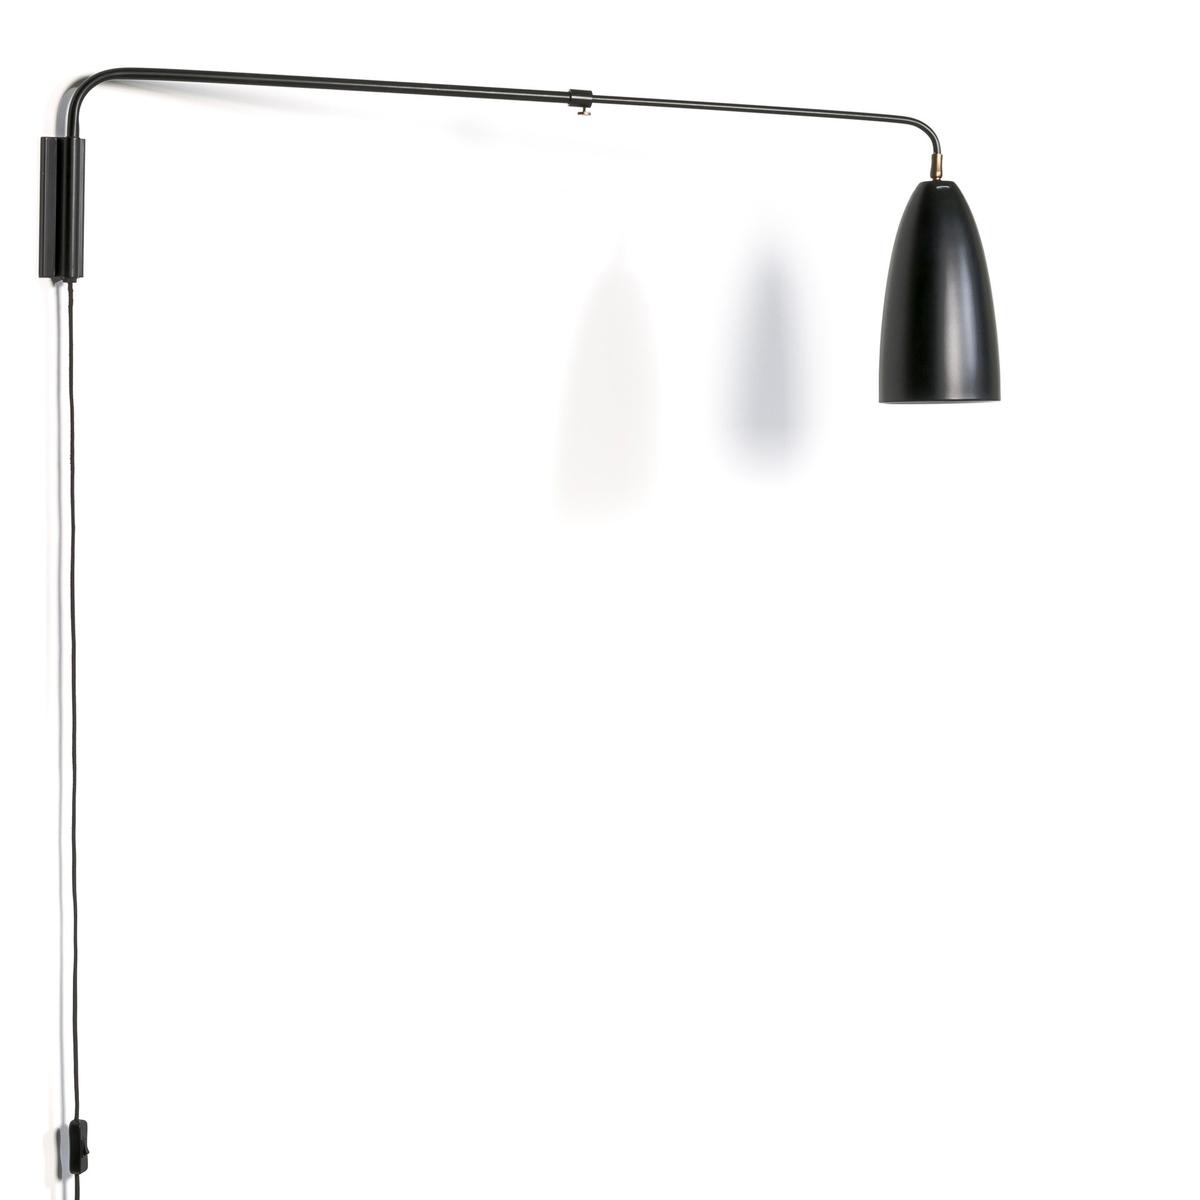 Светильник телескопический GizelХарактеристики : - Регулируемый абажур- Патрон E27 для флюокомпактной лампочки 15W (не входит в комплект).- Кабель с покрытием из черного текстиля.- Совместима с лампочками электрического класса  A. Размеры : - Выс32 x Глубина мин. 1м, глубина макс. 1,50 м .- Абажур : ?14 x Выс25 см<br><br>Цвет: черный